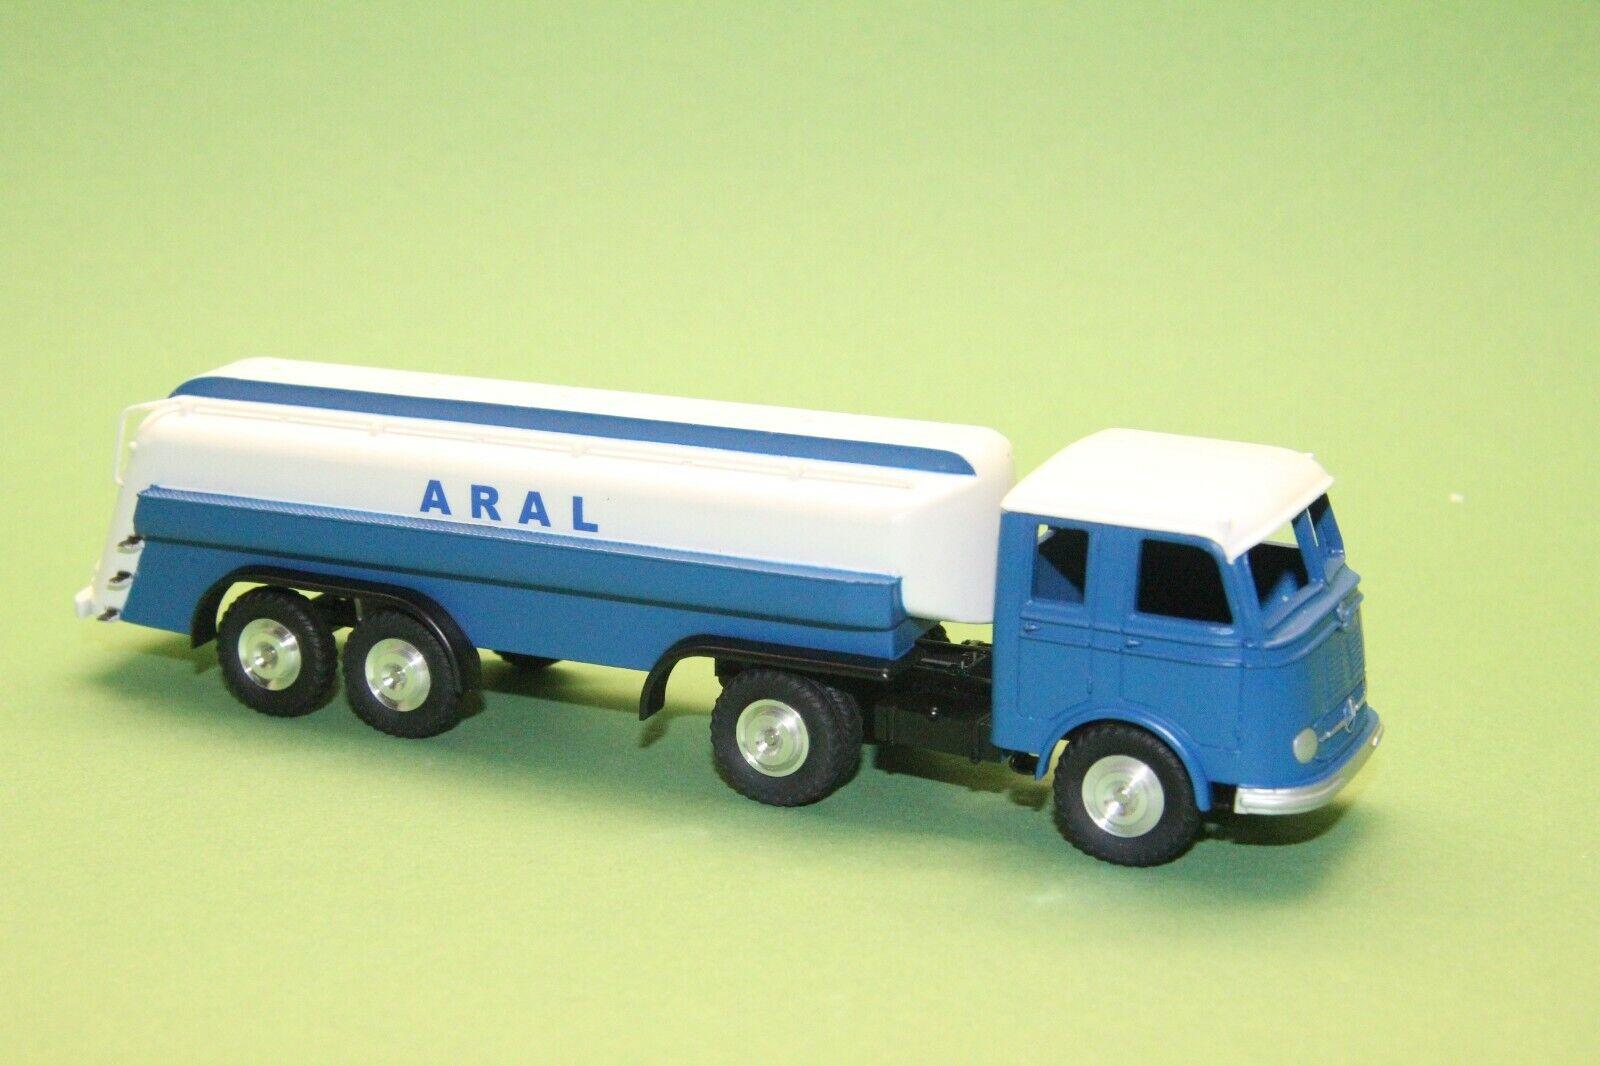 M&B Marklin 18032 Aral tankauto truck mercedes replica